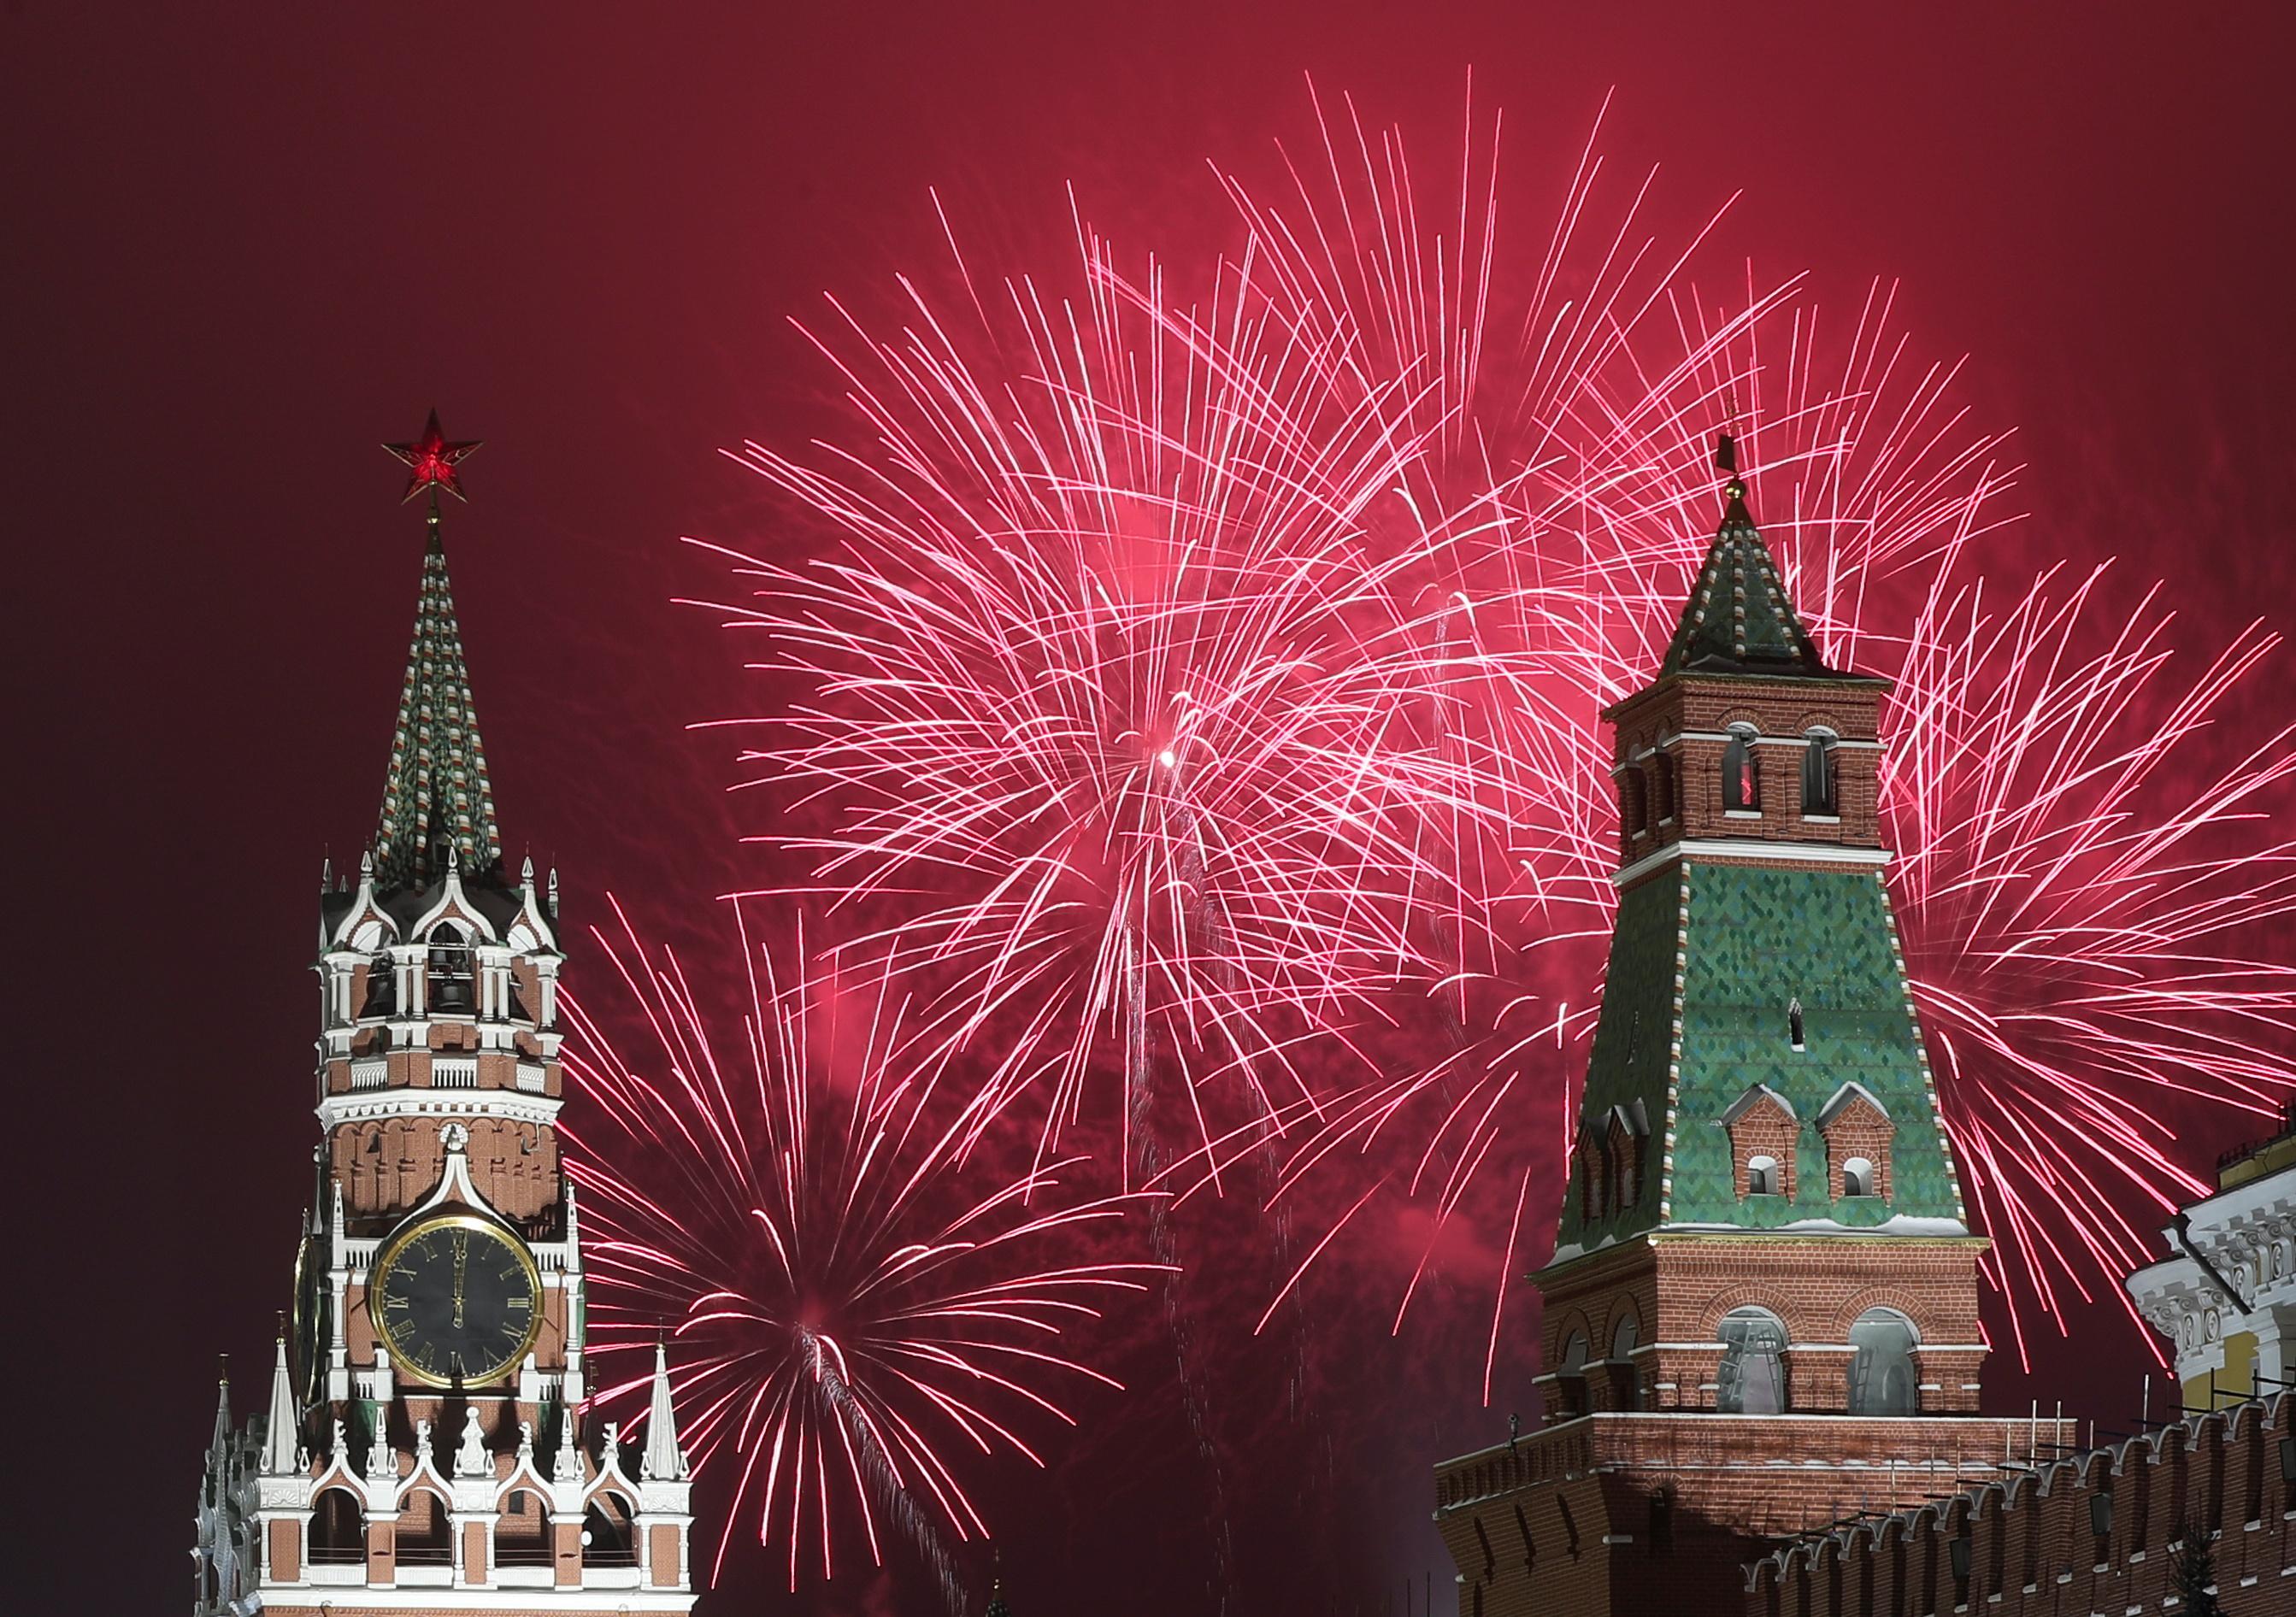 Υποδοχή του Νέου Έτους 2021 σε όλο τον κόσμο σε φωτογραφίες